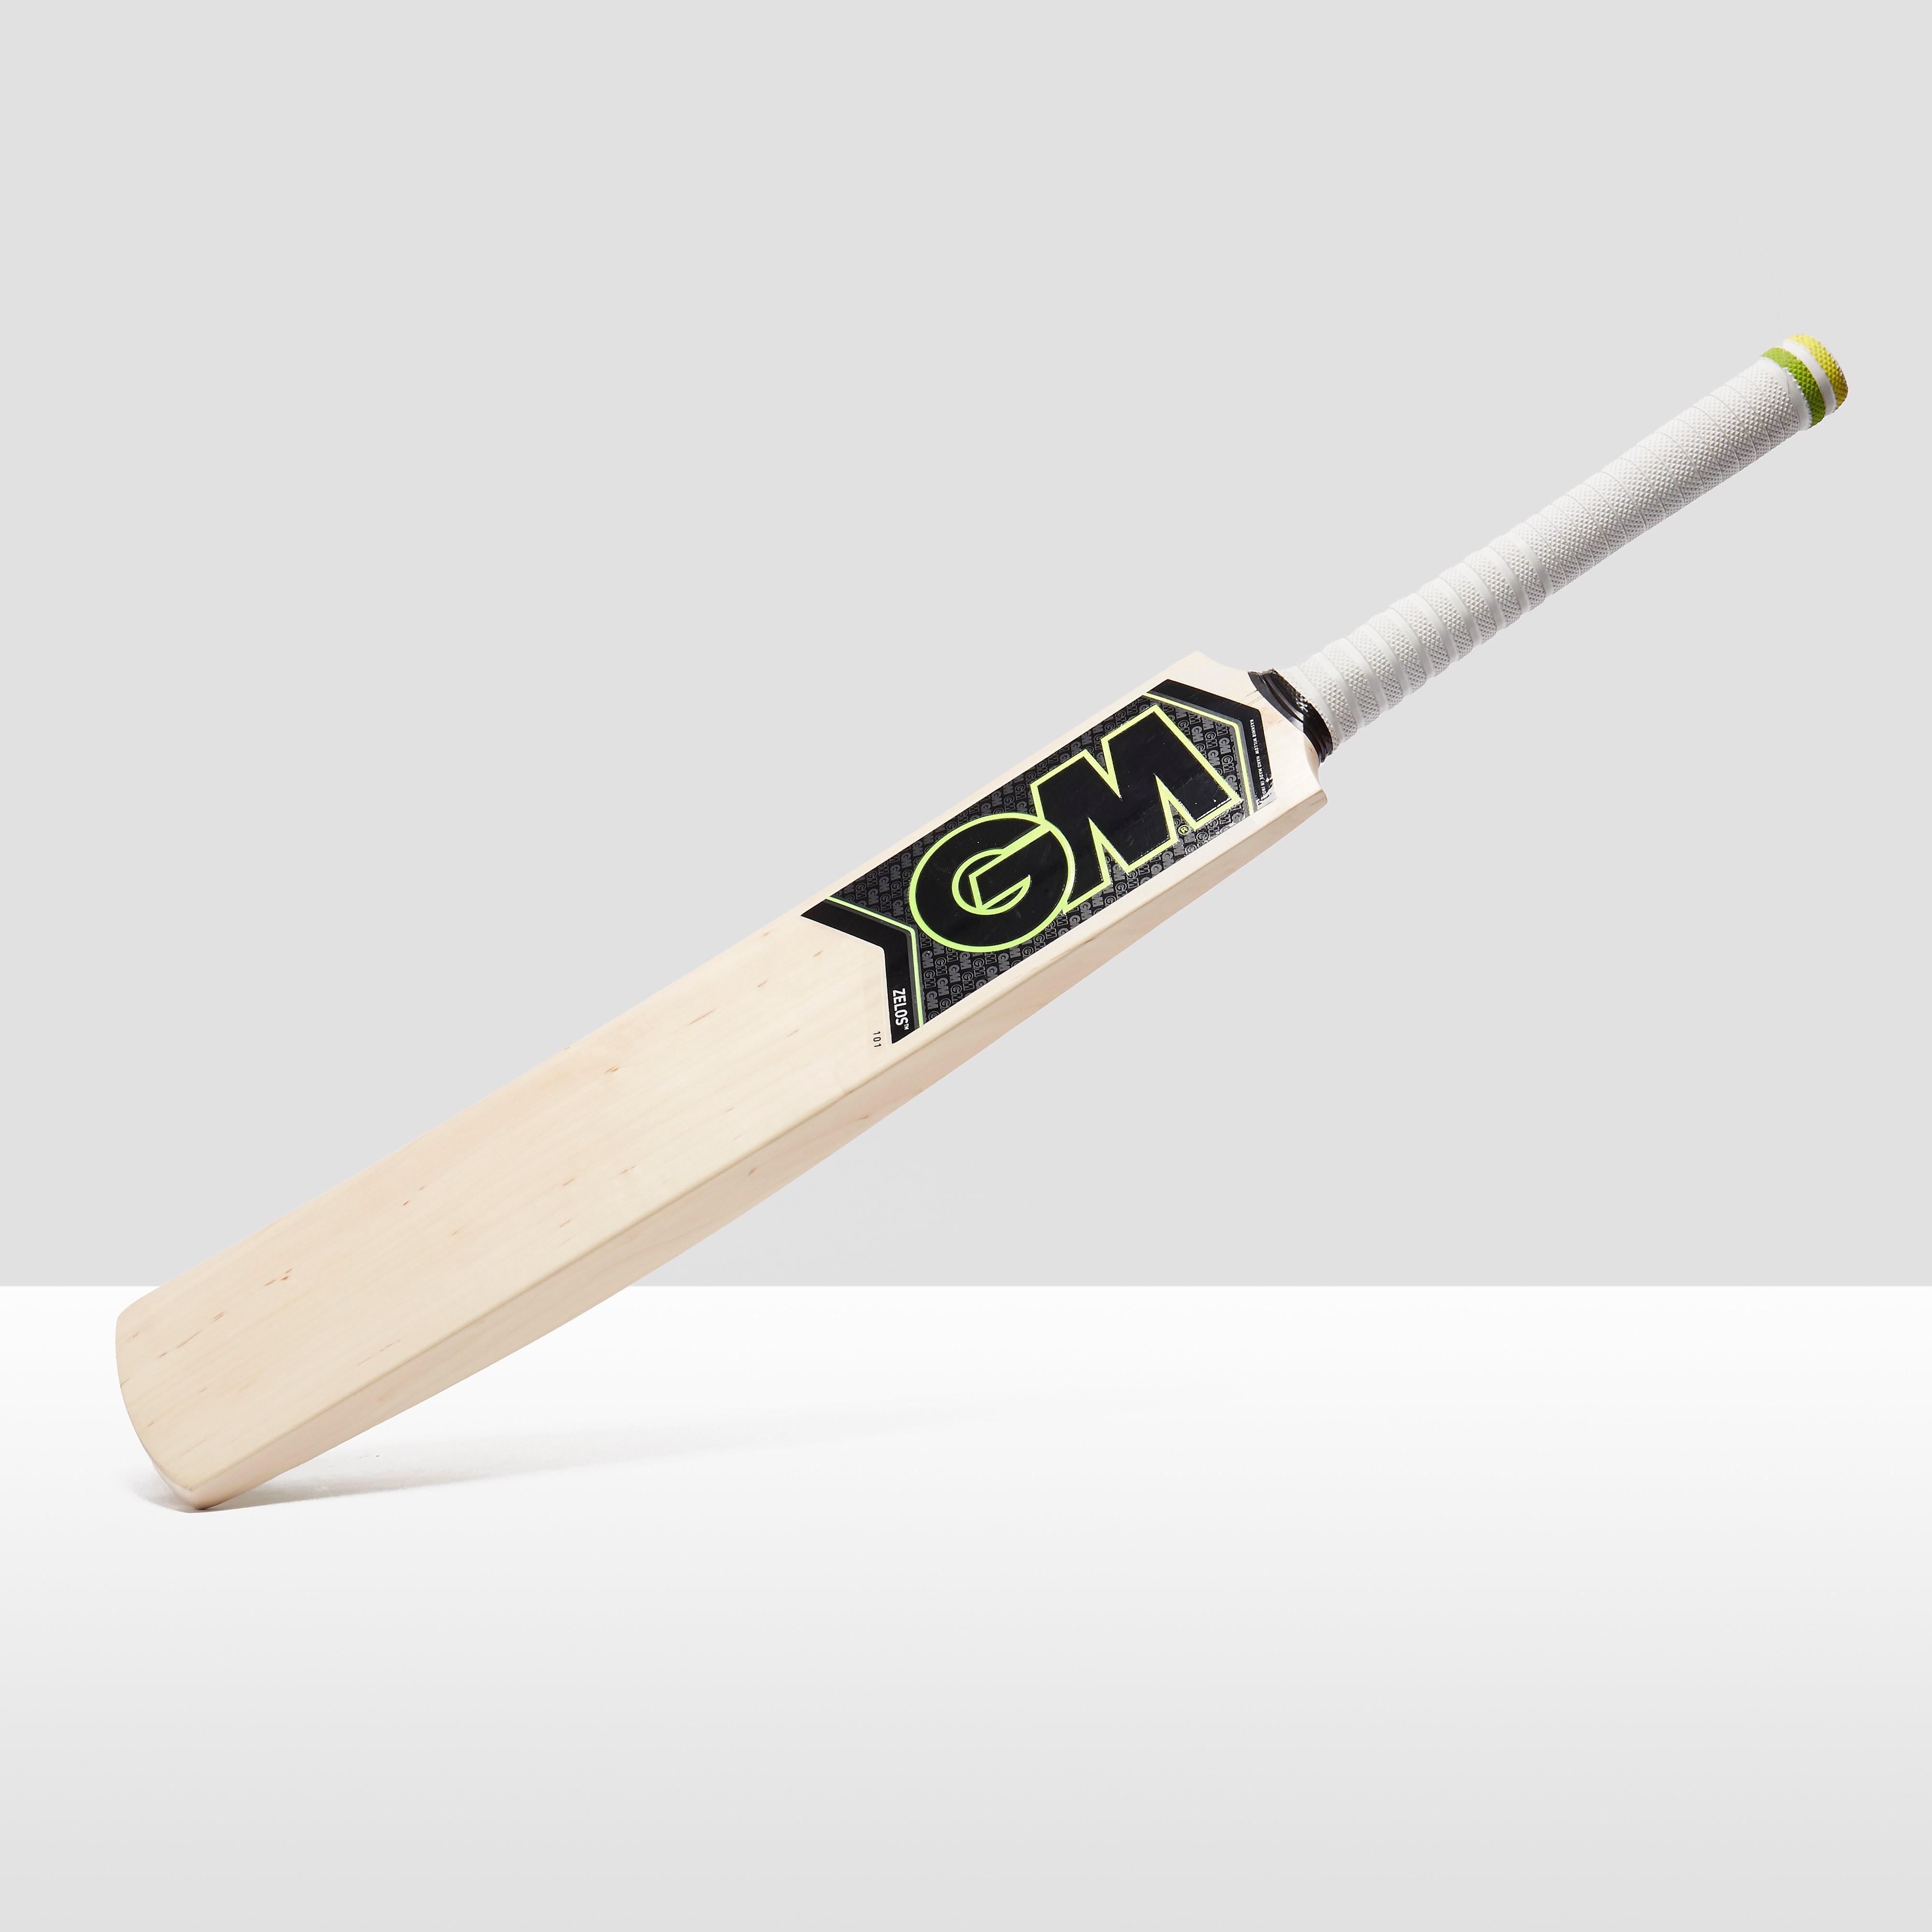 Gunn & Moore Zelos 101 Kashmir Willow Cricket Bat